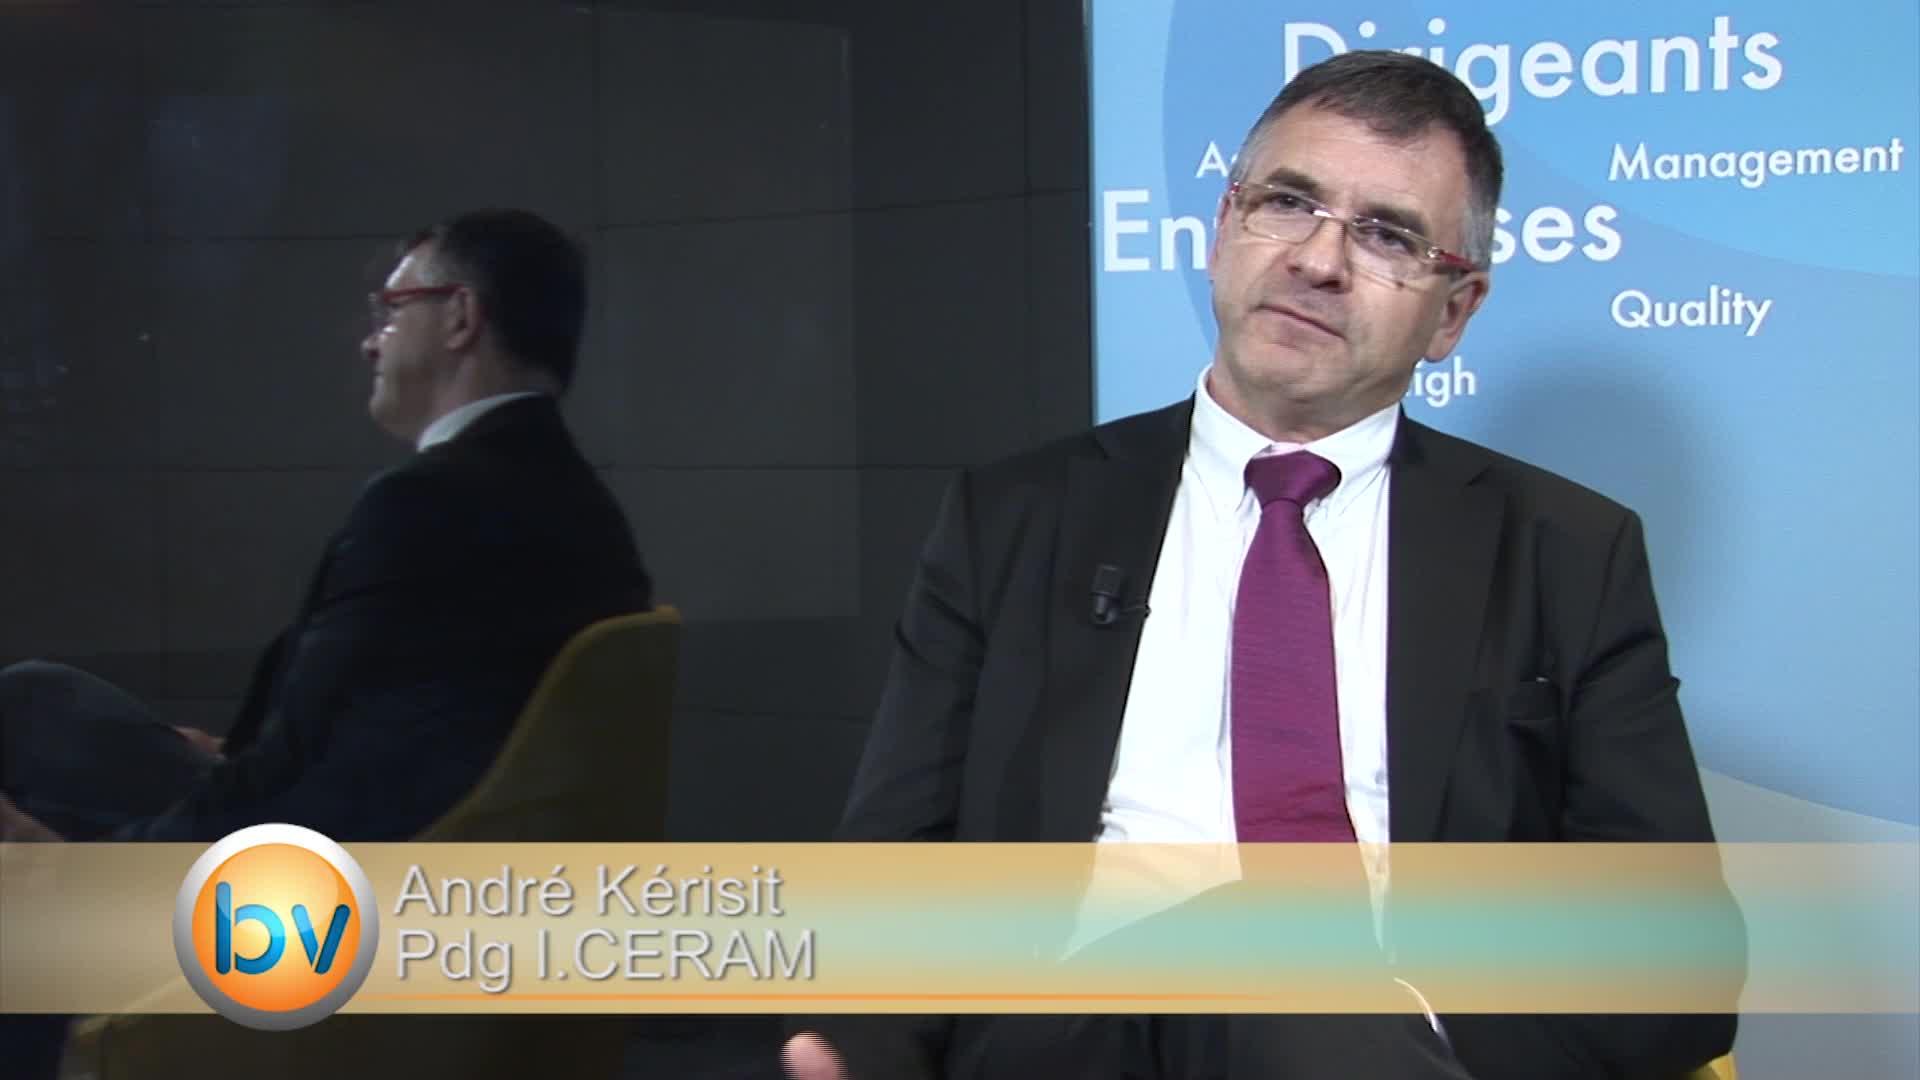 """André Kérisit Pdg I.CERAM : """"Nous sommes dans la phase de développement"""""""